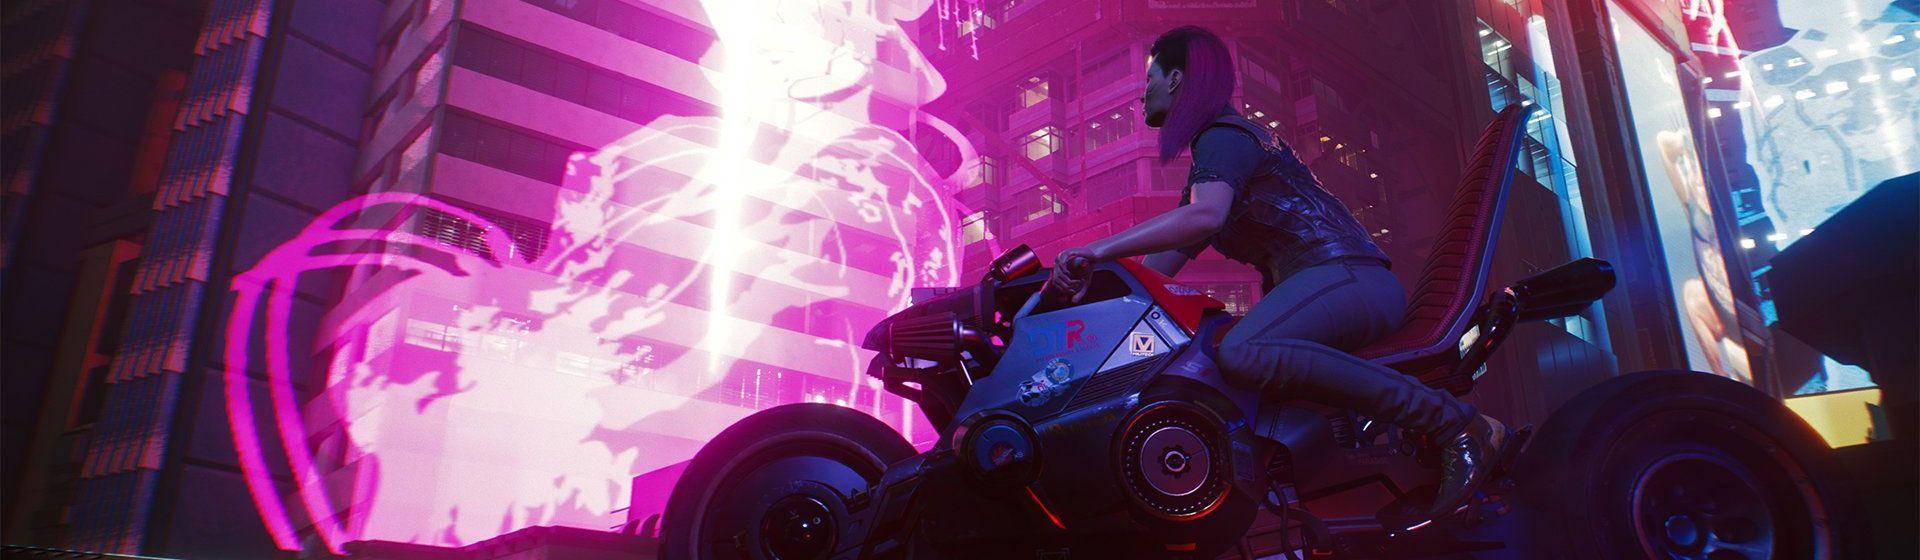 Cyberpunk 2077 é adiado; nova data de lançamento é 10 de dezembro